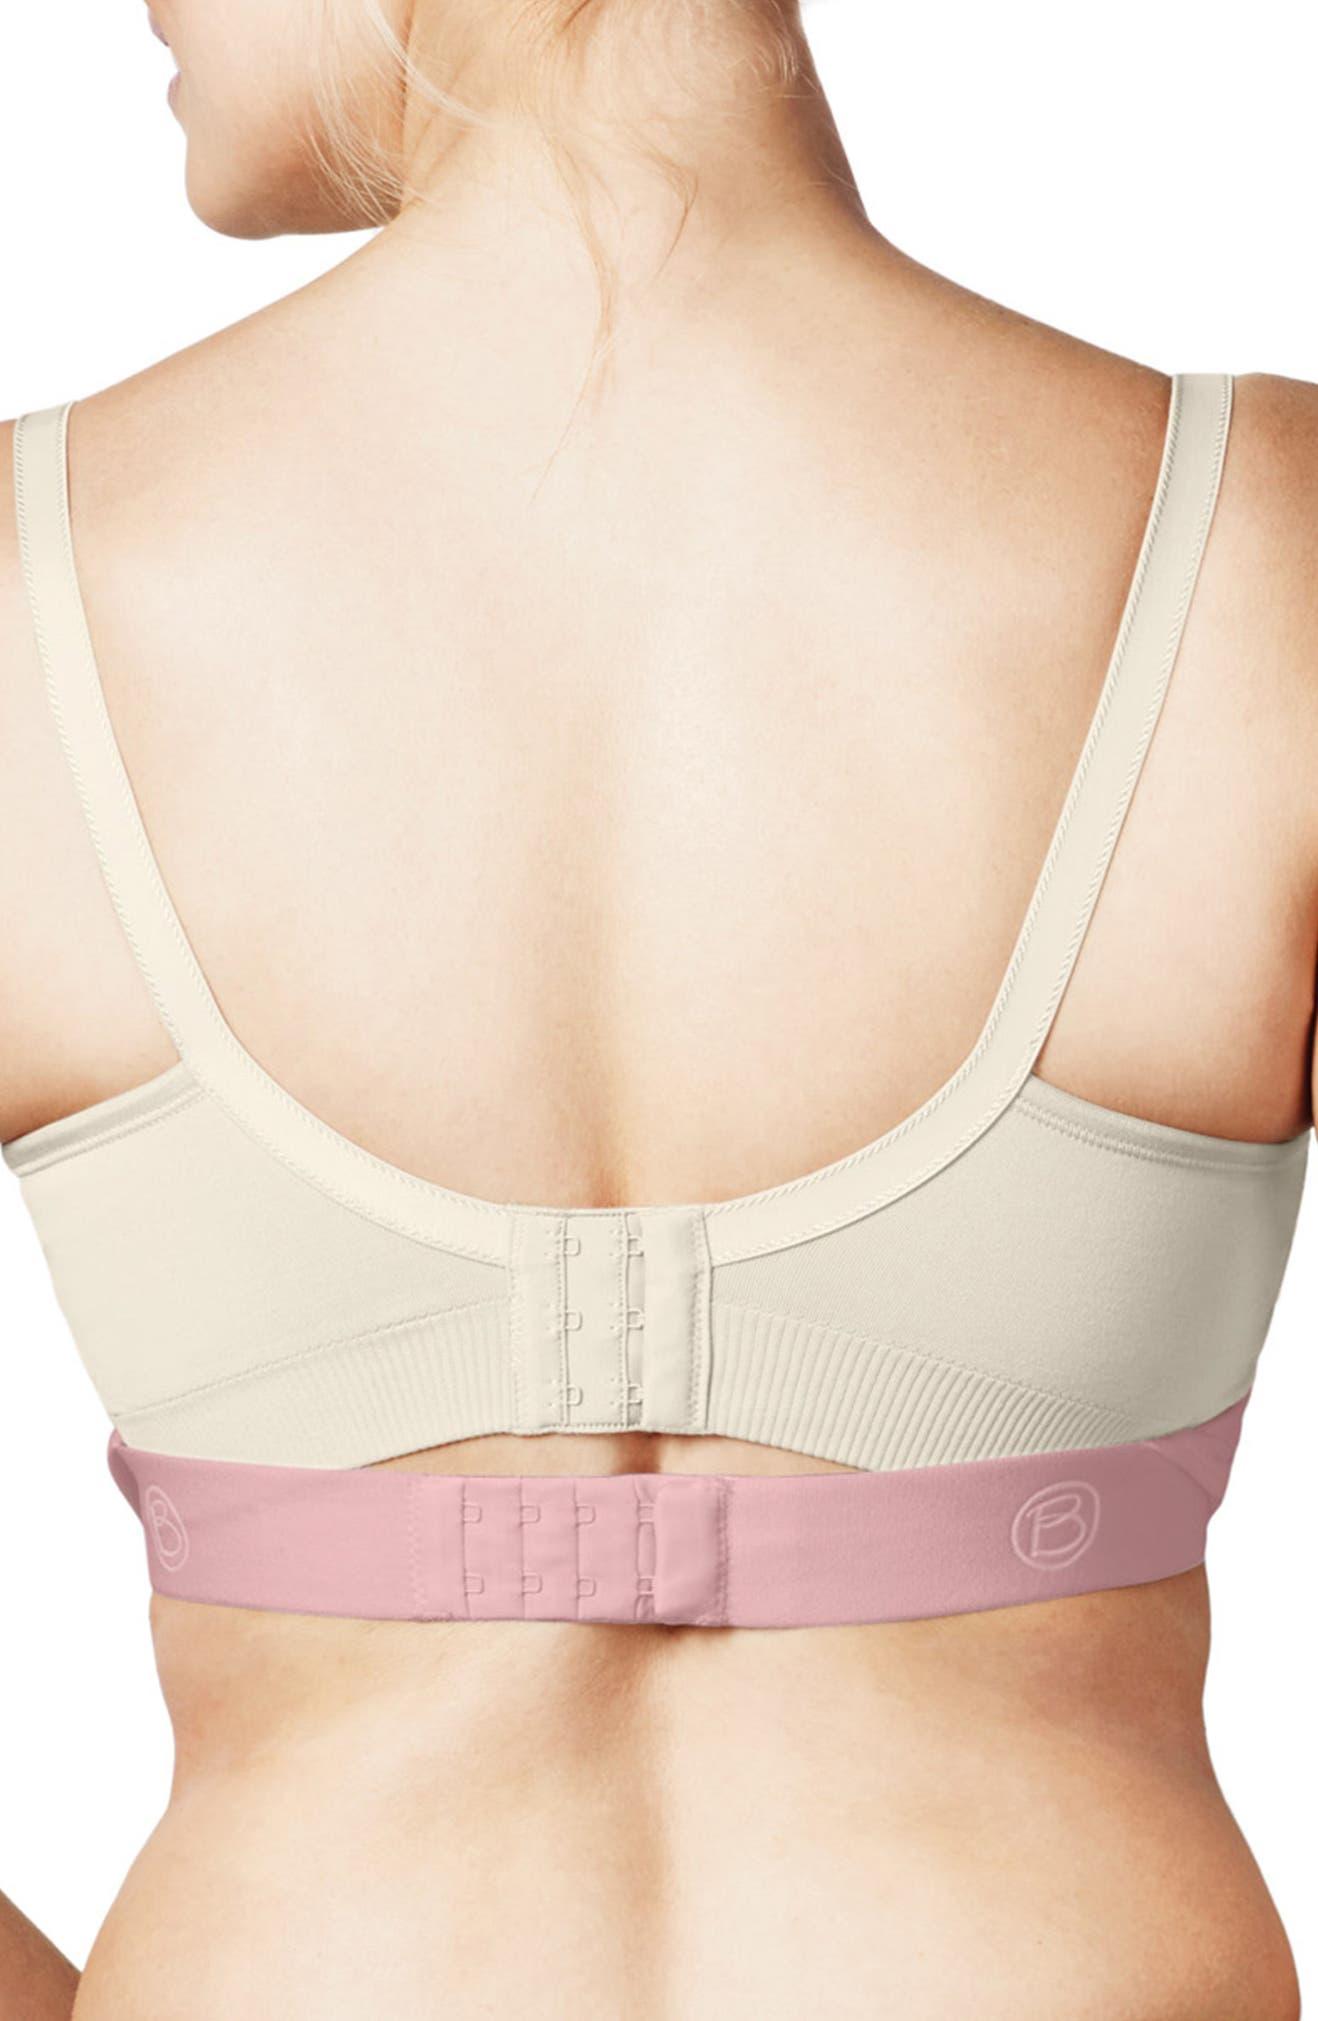 156e524ec82 Bravado Designs Clip   Pump Hands Free Nursing Bra Accessory